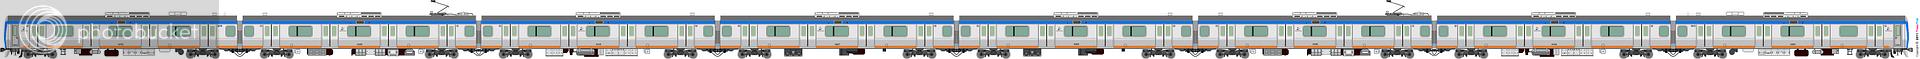 [5594] Sagami Railway 1994